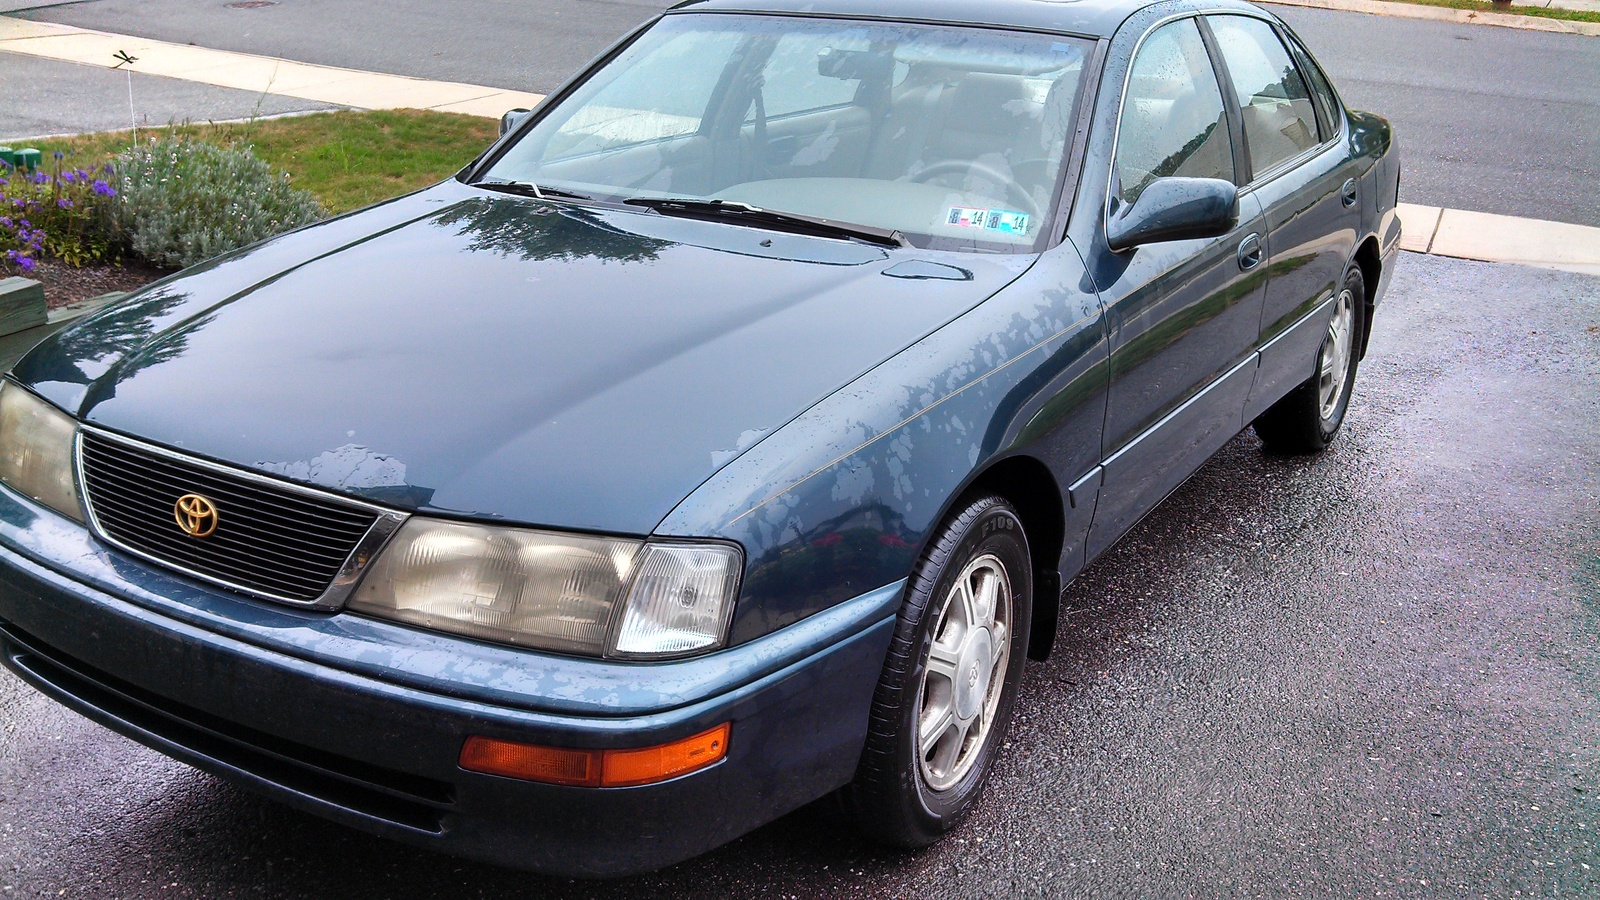 1996 Toyota Avalon Pictures Cargurus